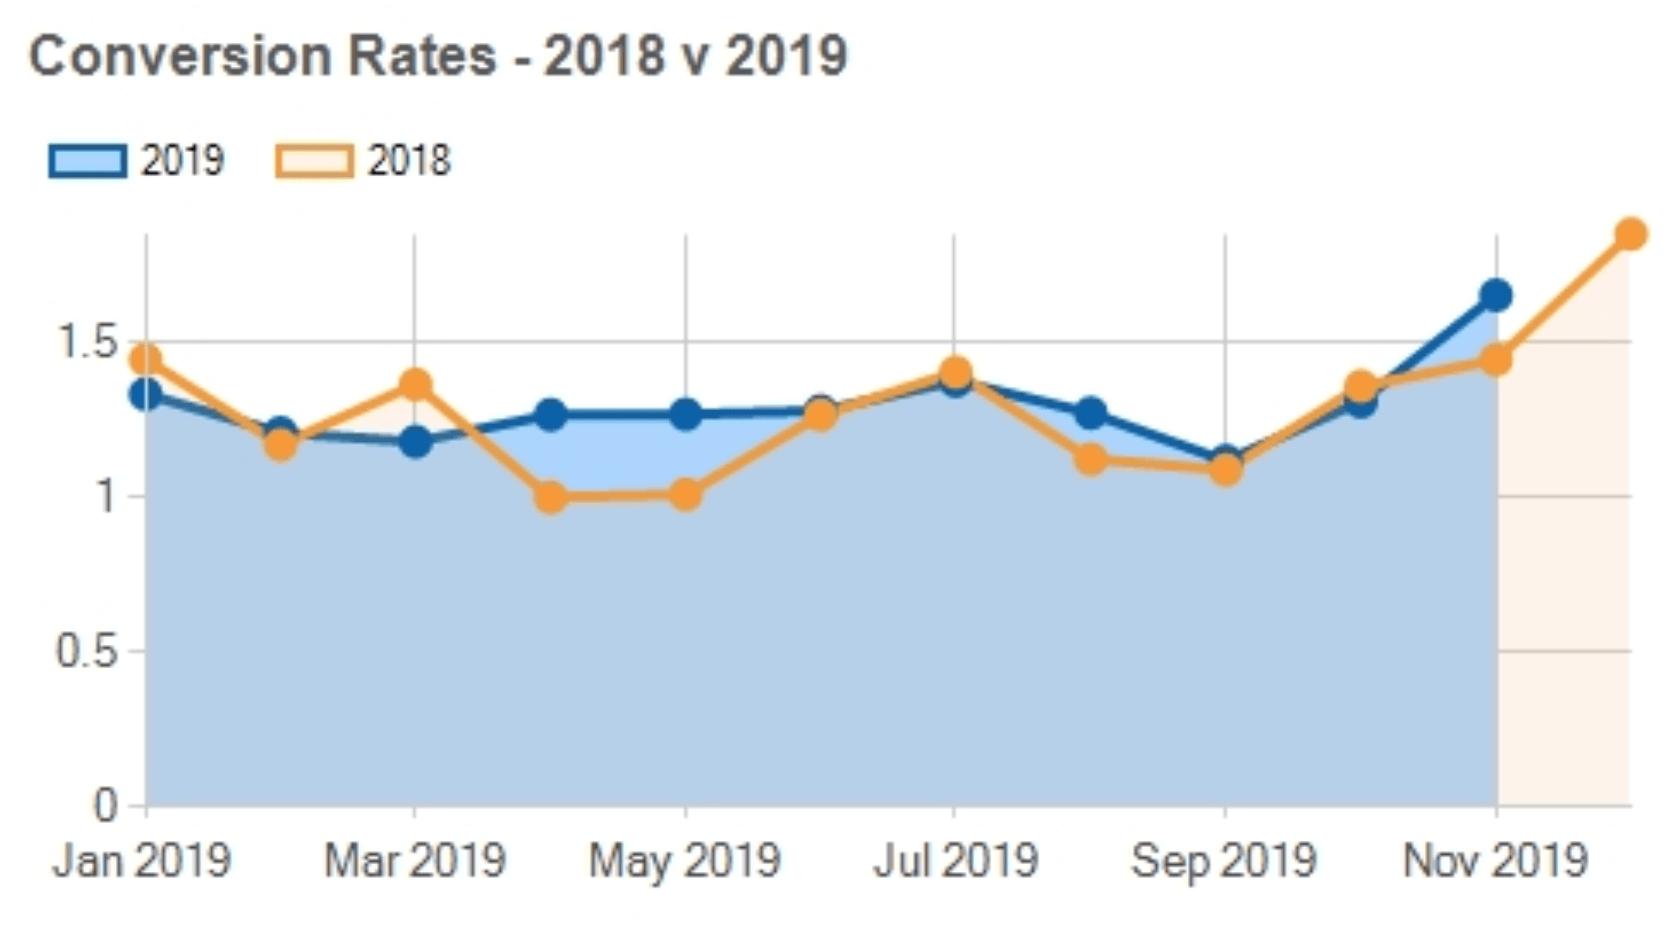 Изменения конверсий интернет-магазинов одежды в 2018 и 2019 году